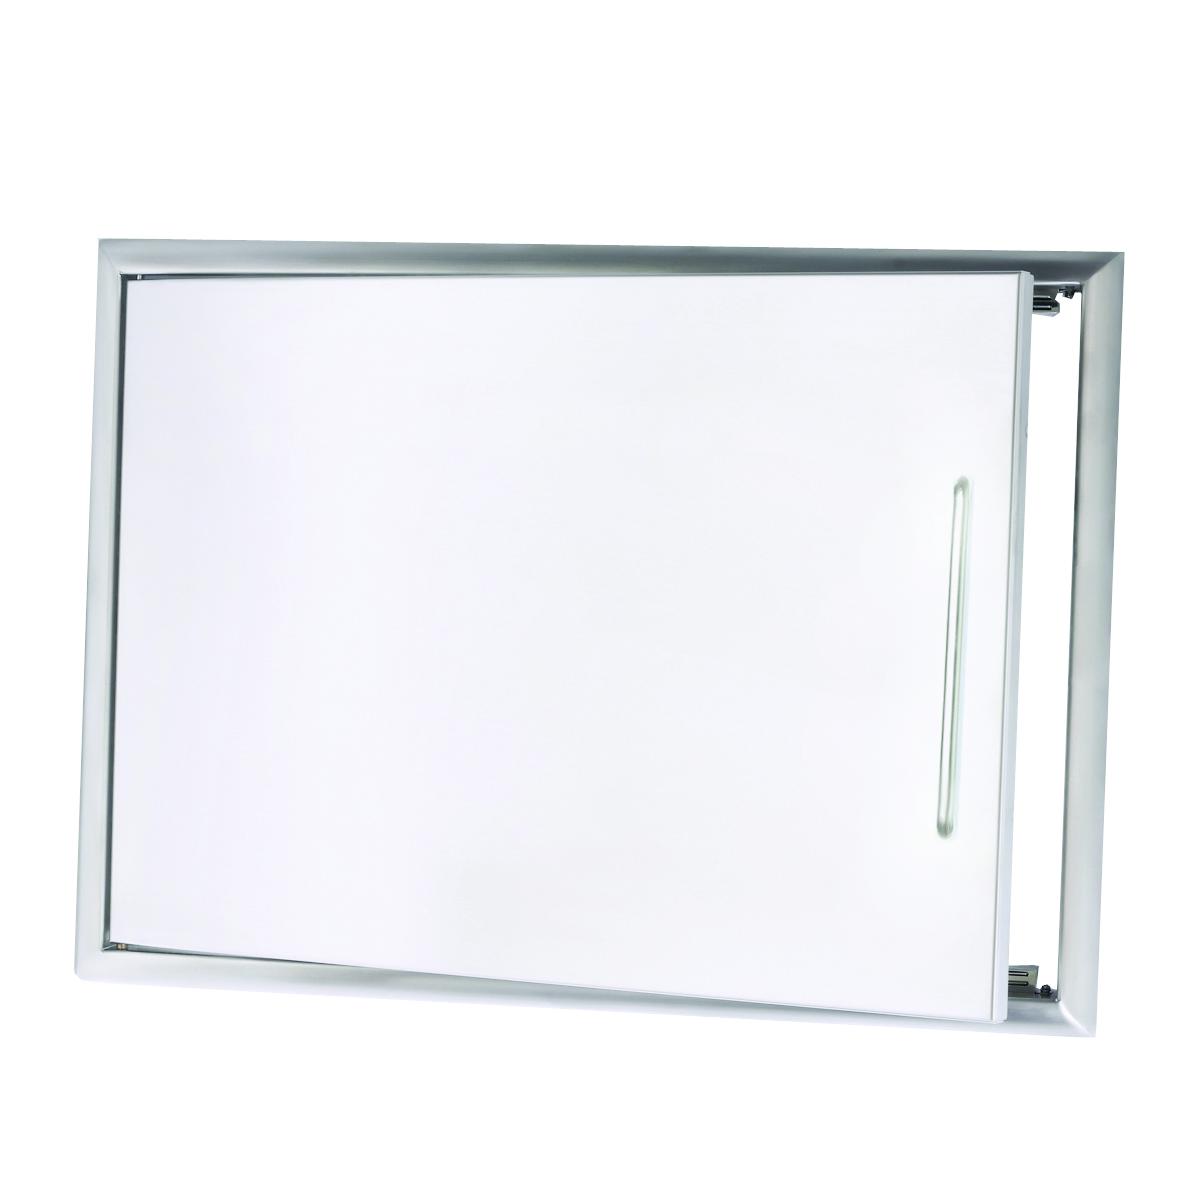 new_LW_19x26_Single_door_1819__78395.1435747484.1280.1280